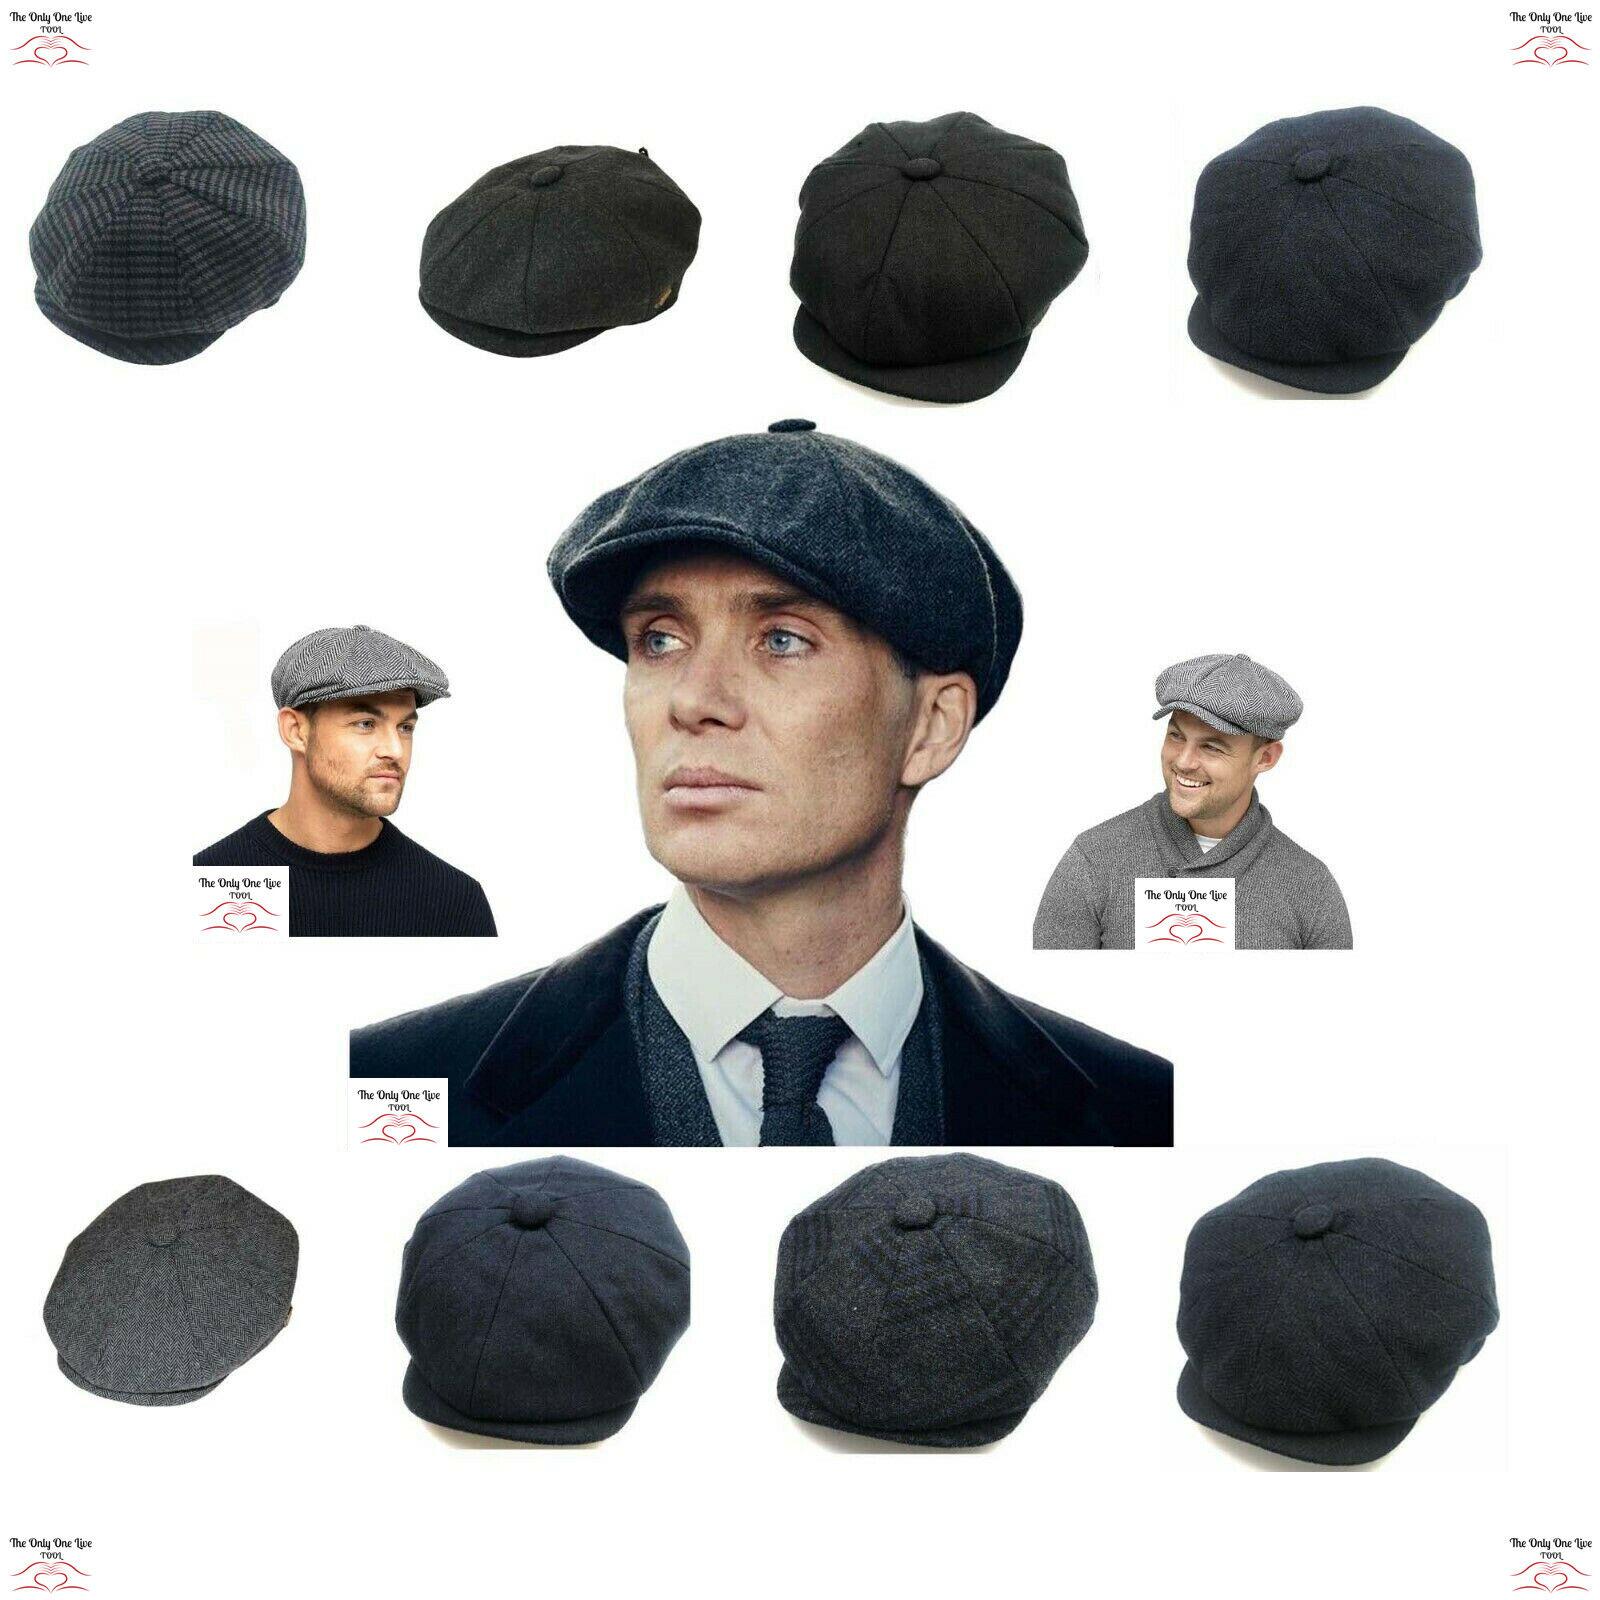 Official Maz Wool Newsboy Bakerboy 8 Panel Flat Cap Black 5 Sizes